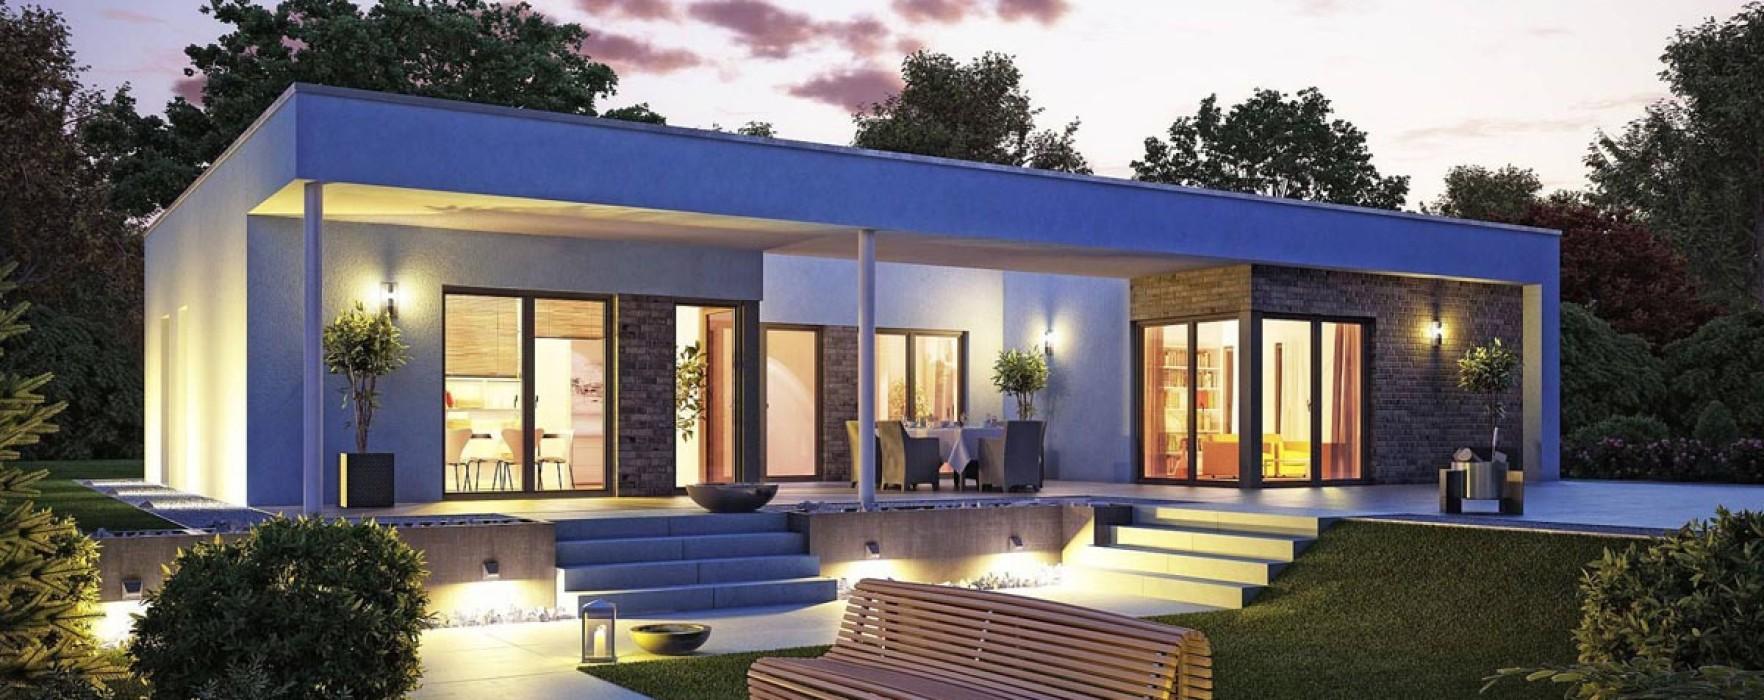 Impianto ad aria per una casa in legno no gas for Durata casa in legno